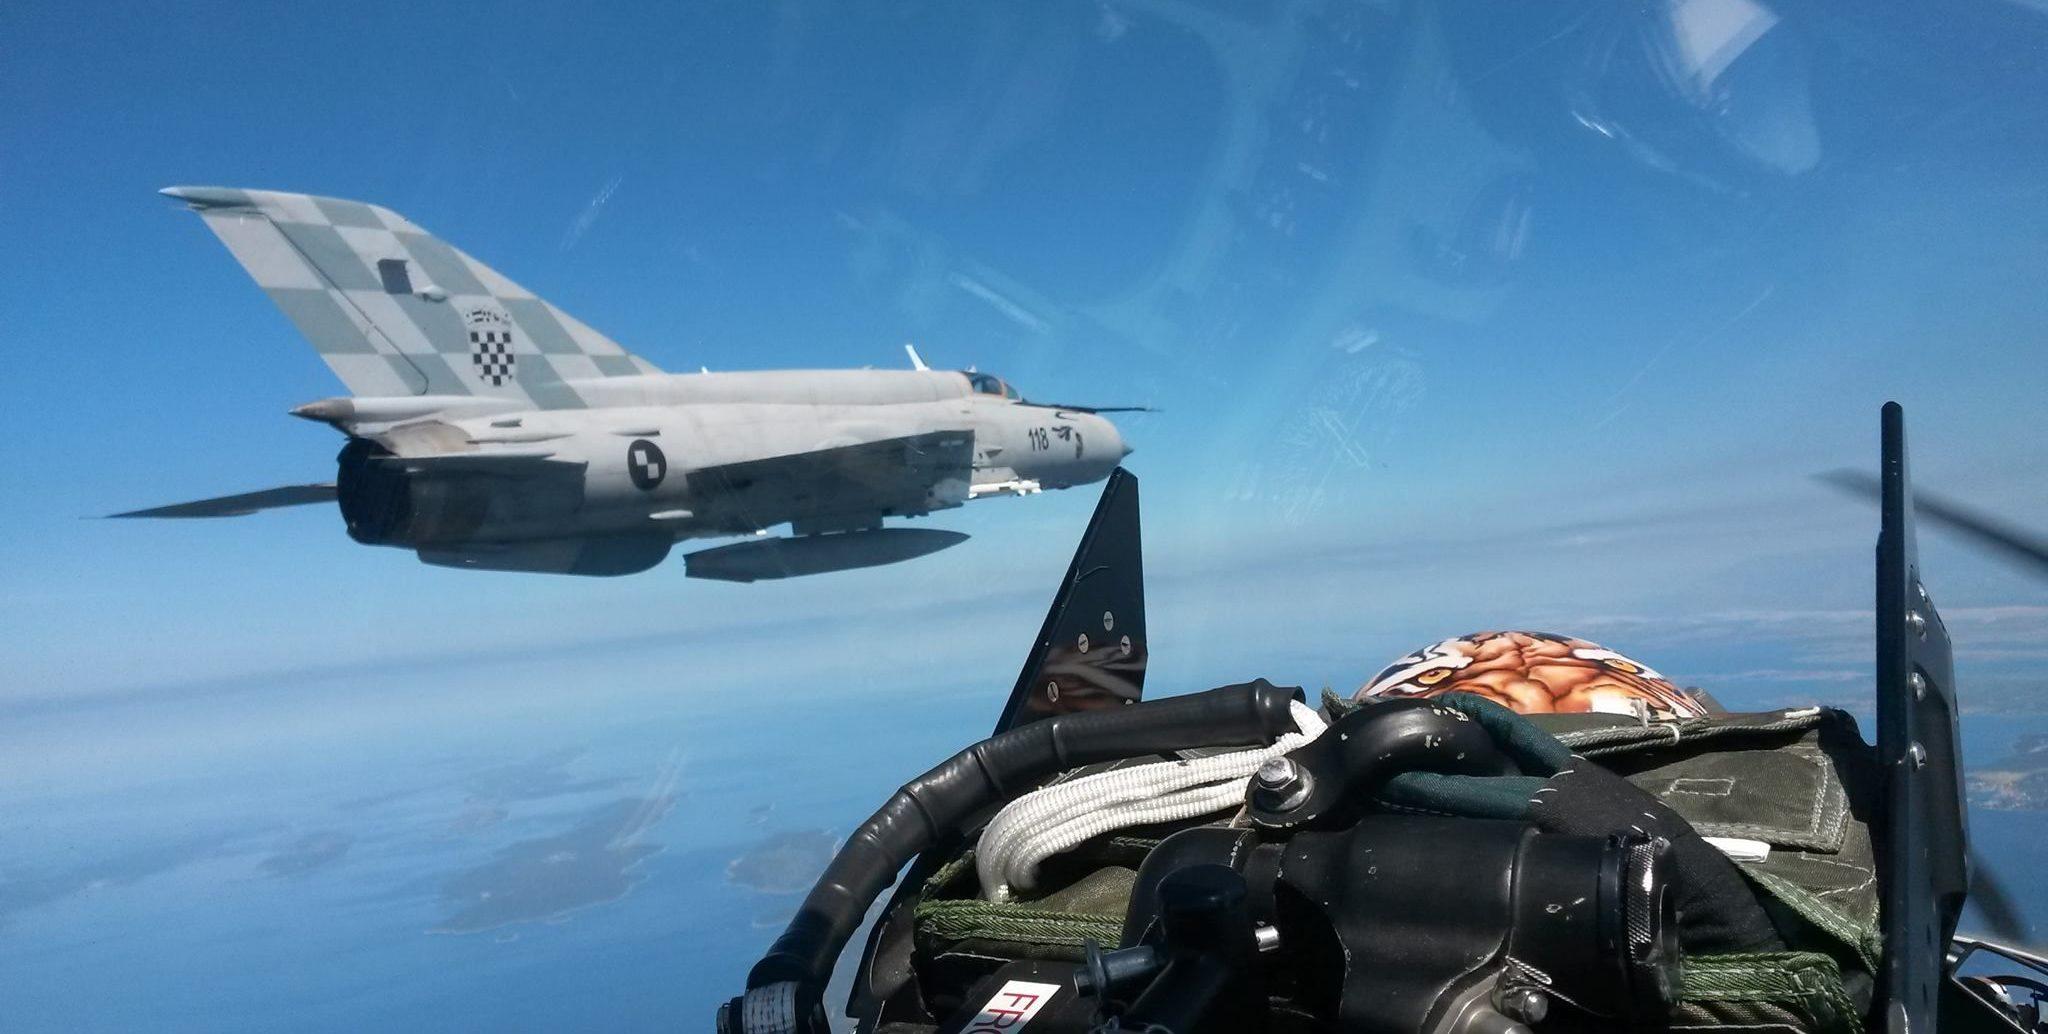 Letačke aktivnosti borbenih aviona HRZ-a: moguće probijanje zvučnog zida